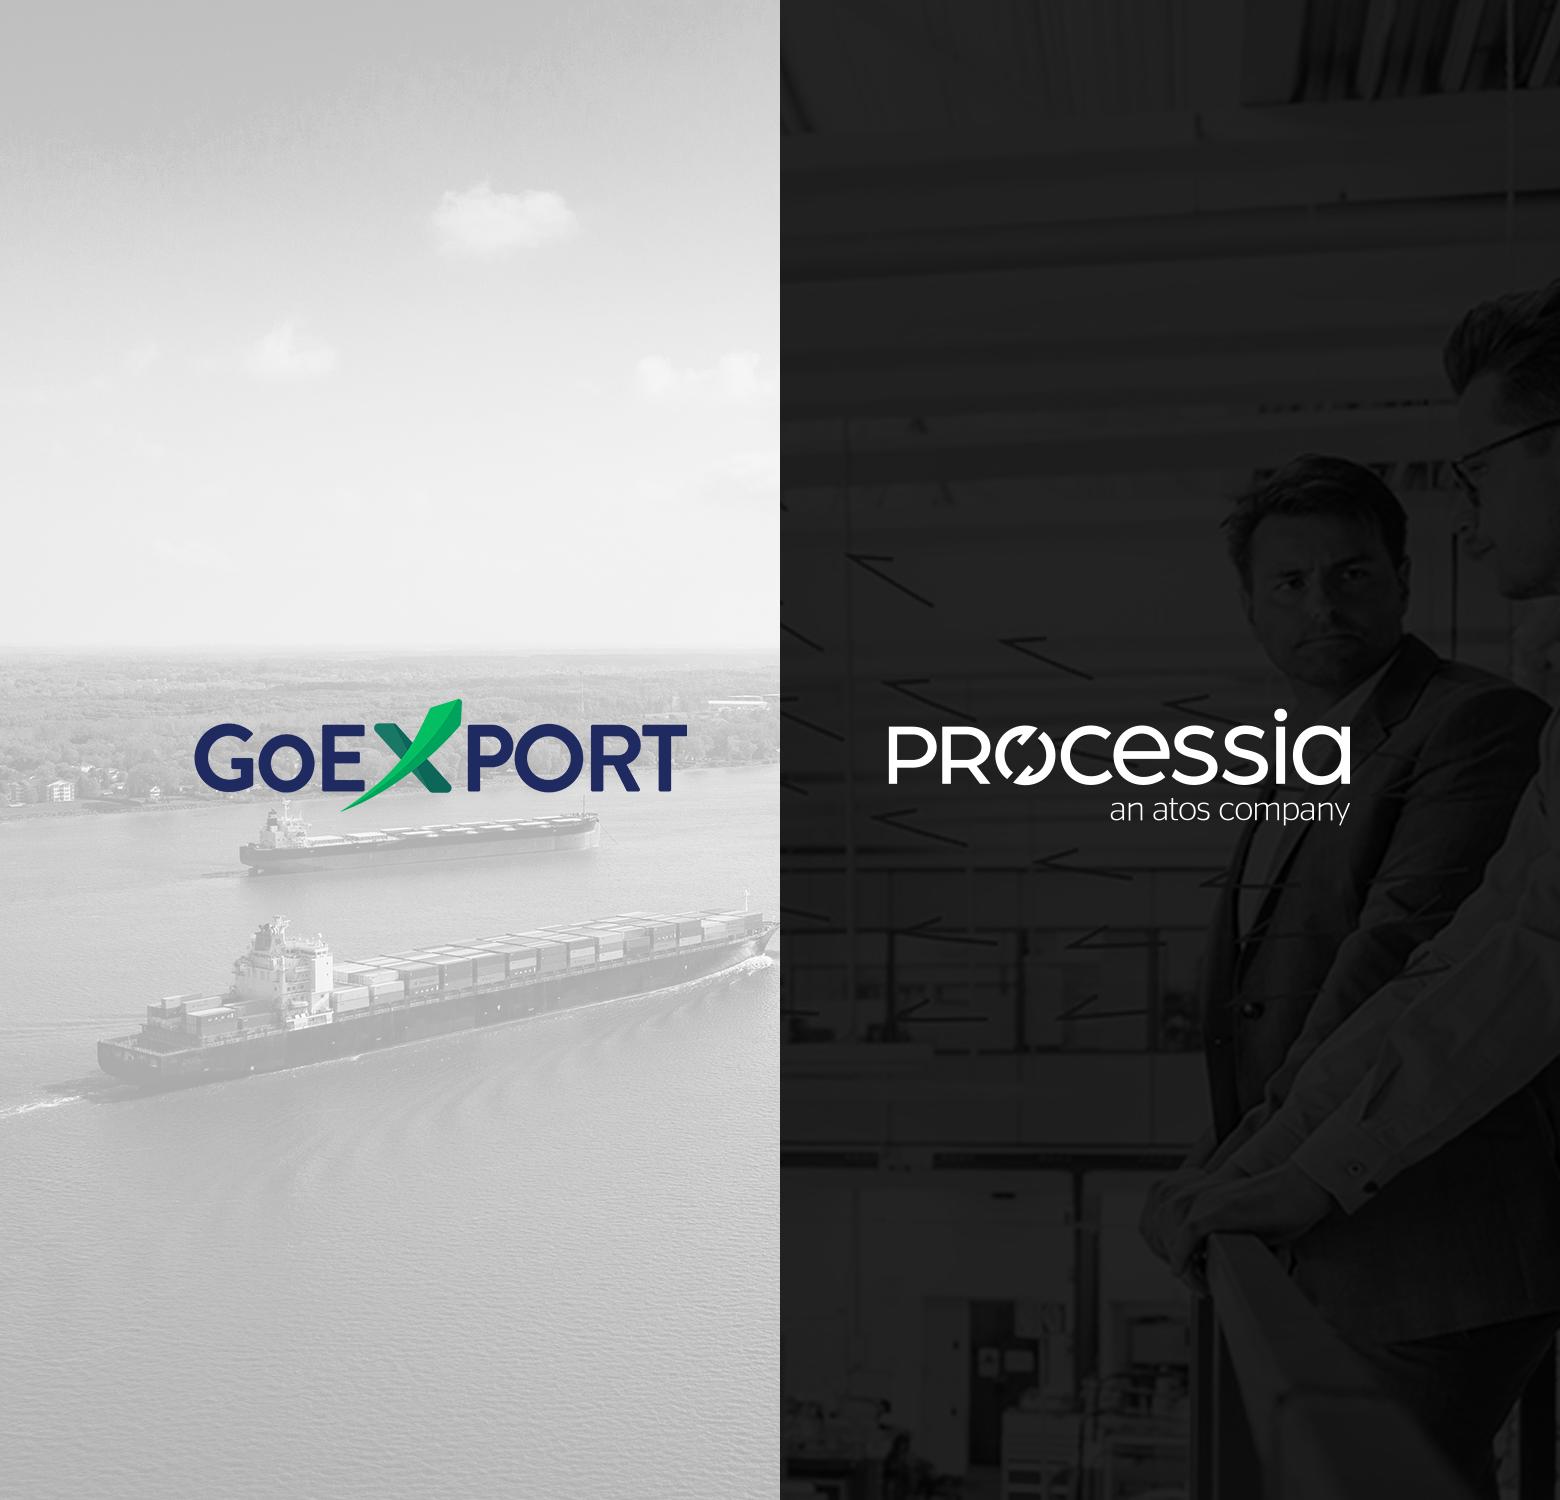 Braque_nouveau_client_Processia_GoExport